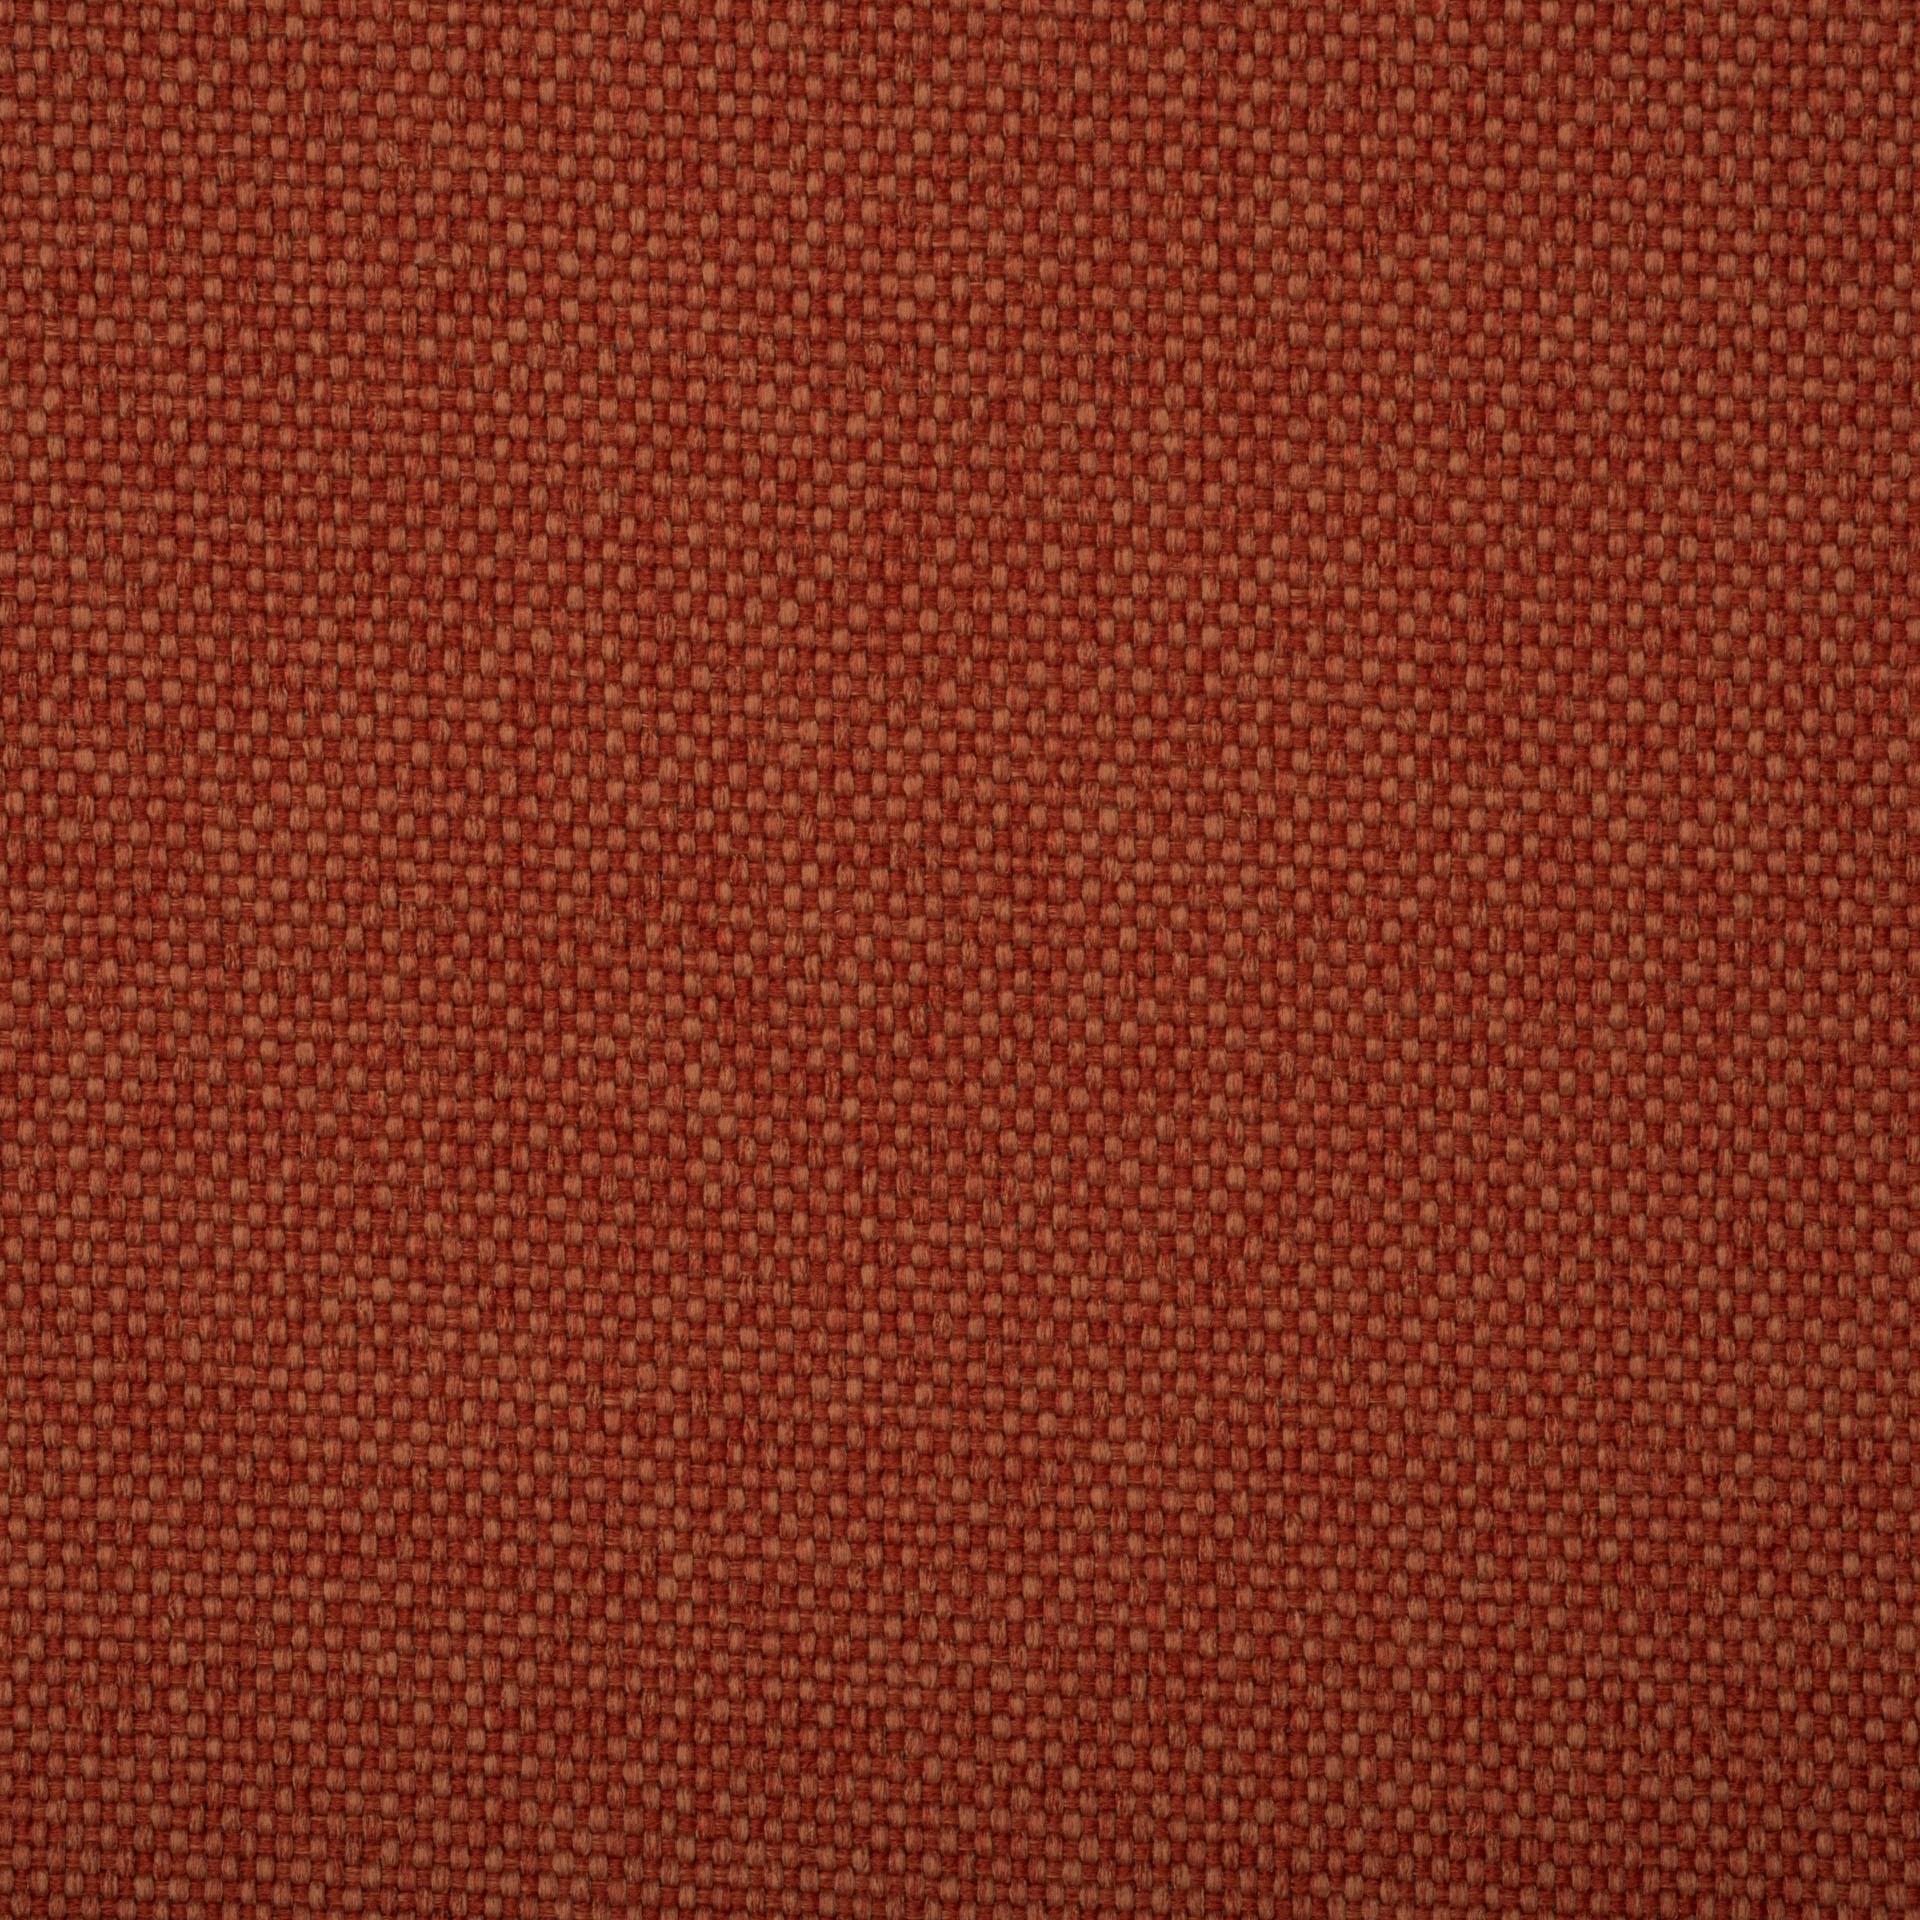 Коллекция ткани Багама 19 Carrot,  купить ткань Жаккард для мебели Украина